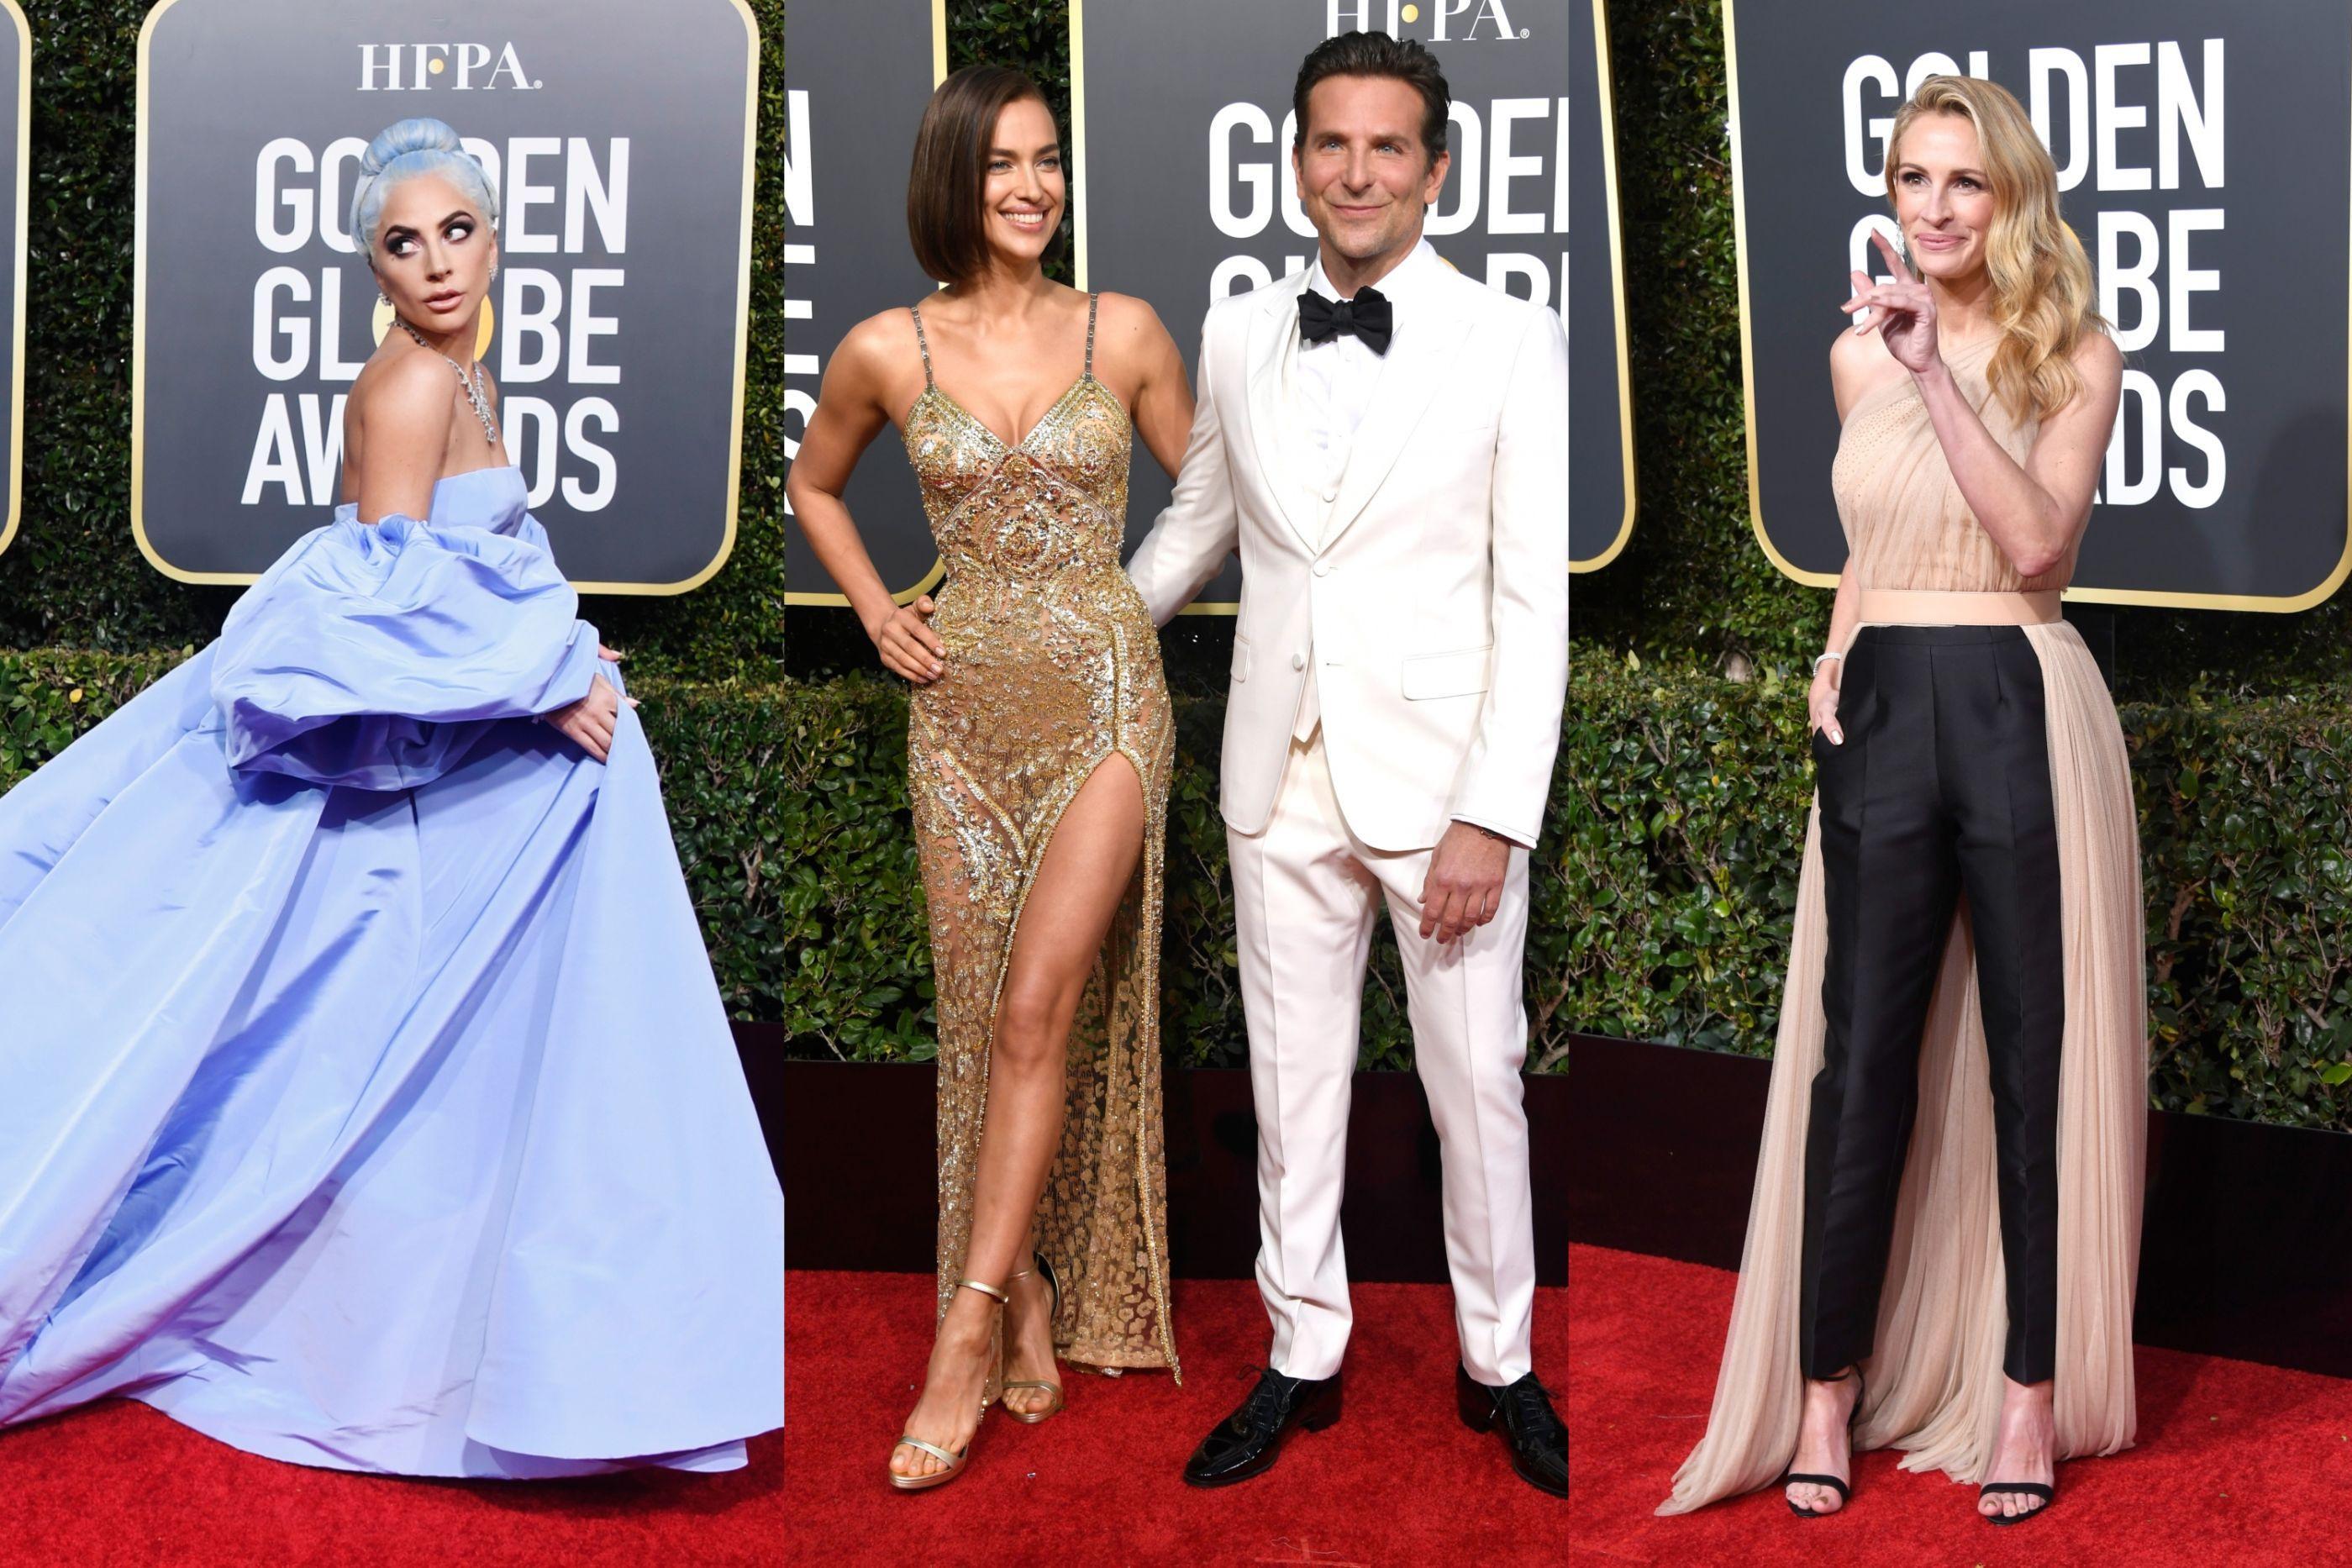 Globos de Ouro: Os looks dos famosos que posaram na passadeira vermelha